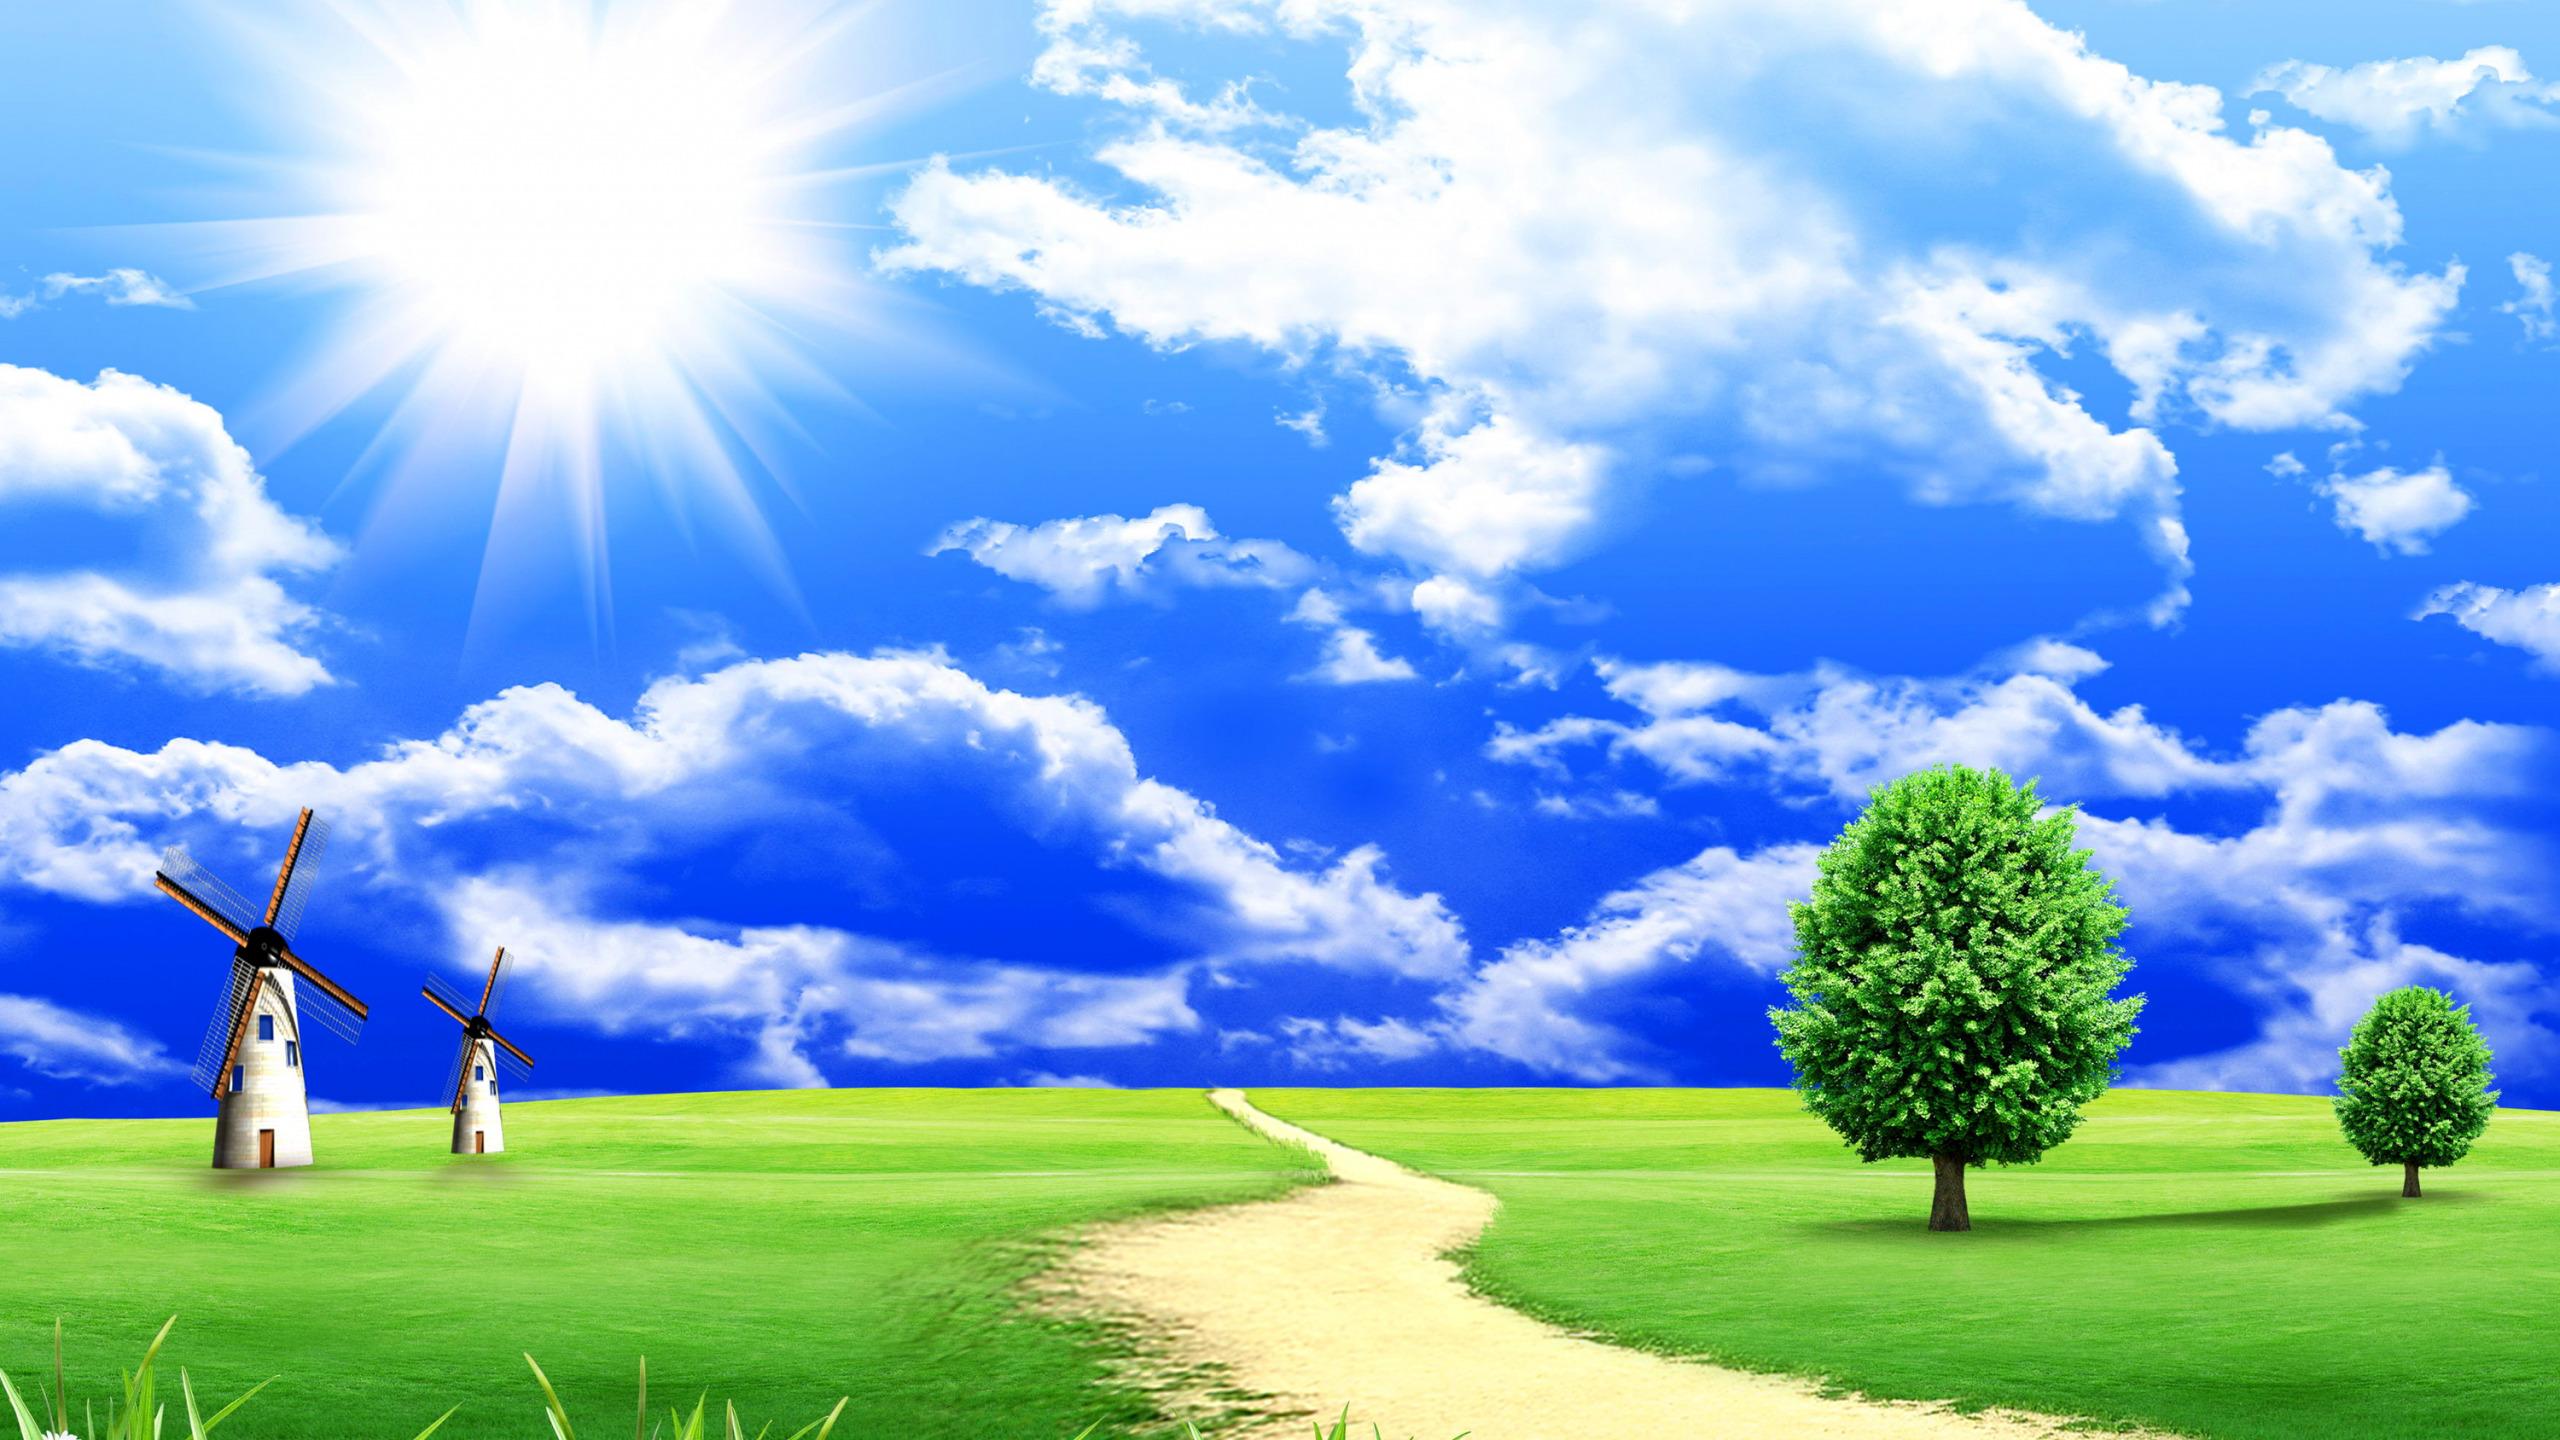 Картинка небо и земля нарисованные